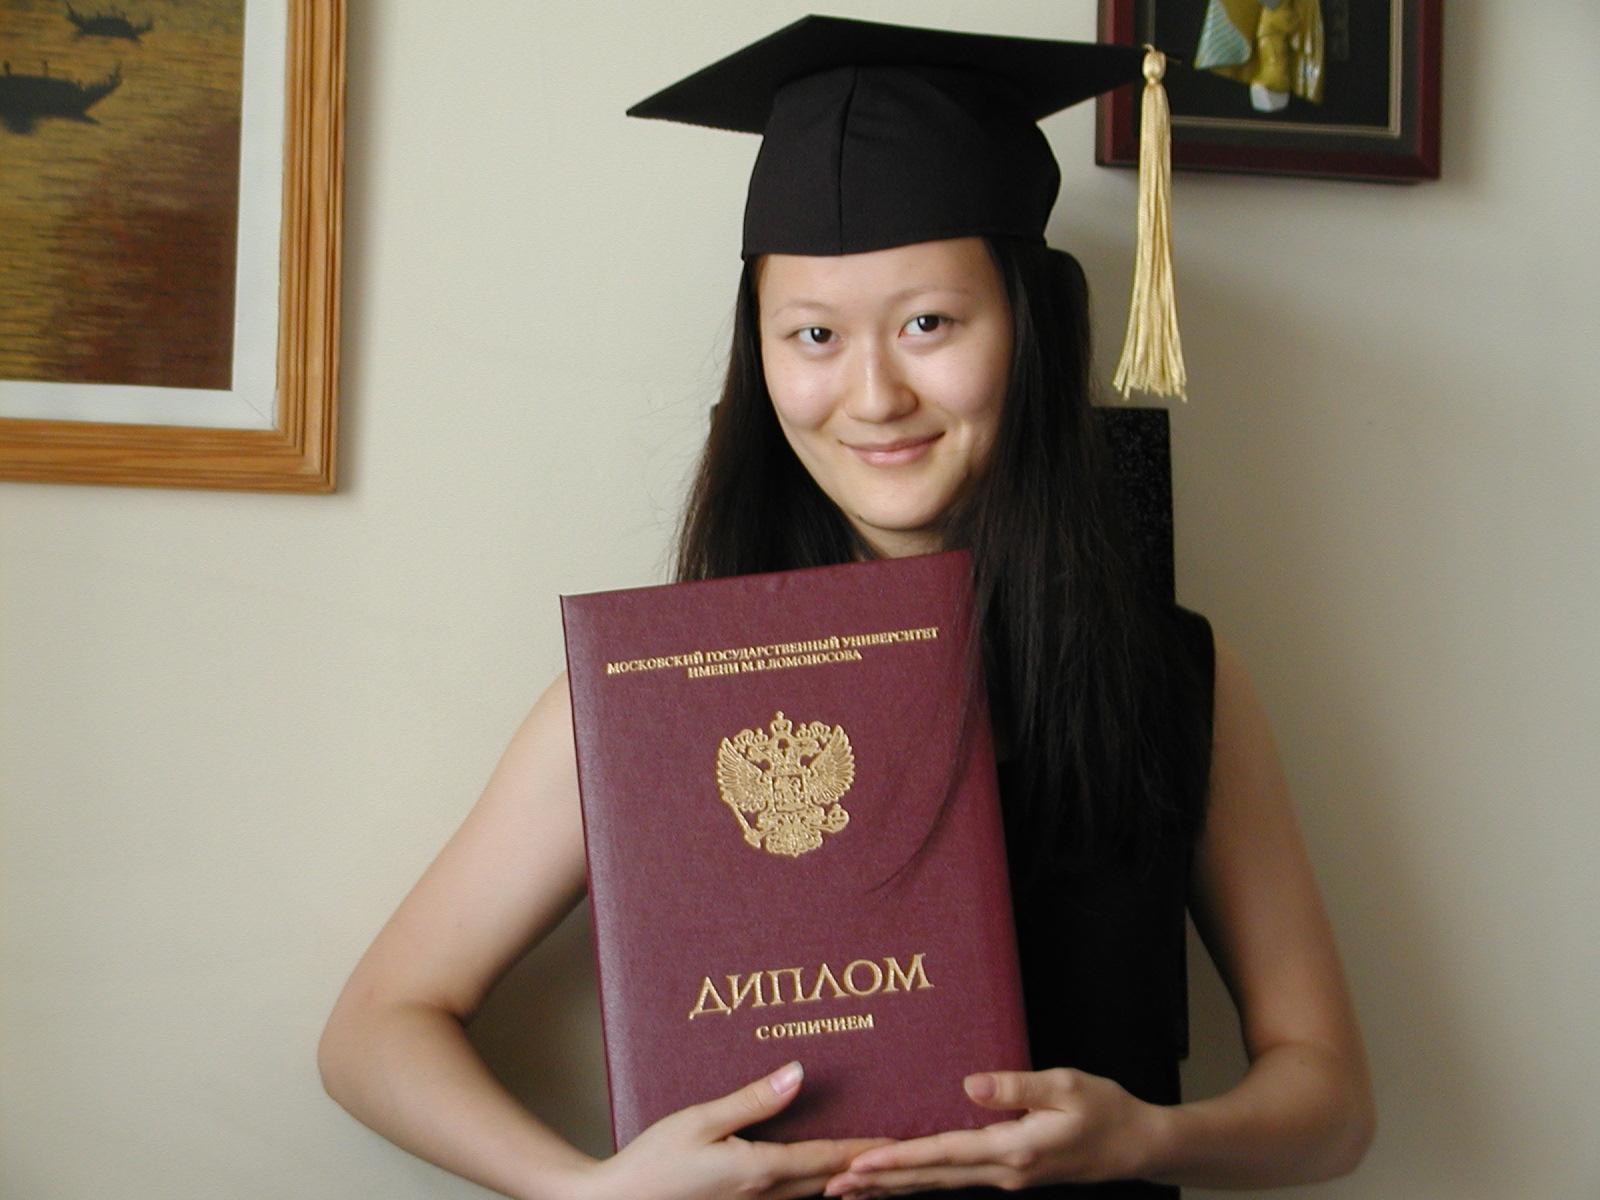 Дипломов иностранным выпускникам вмк